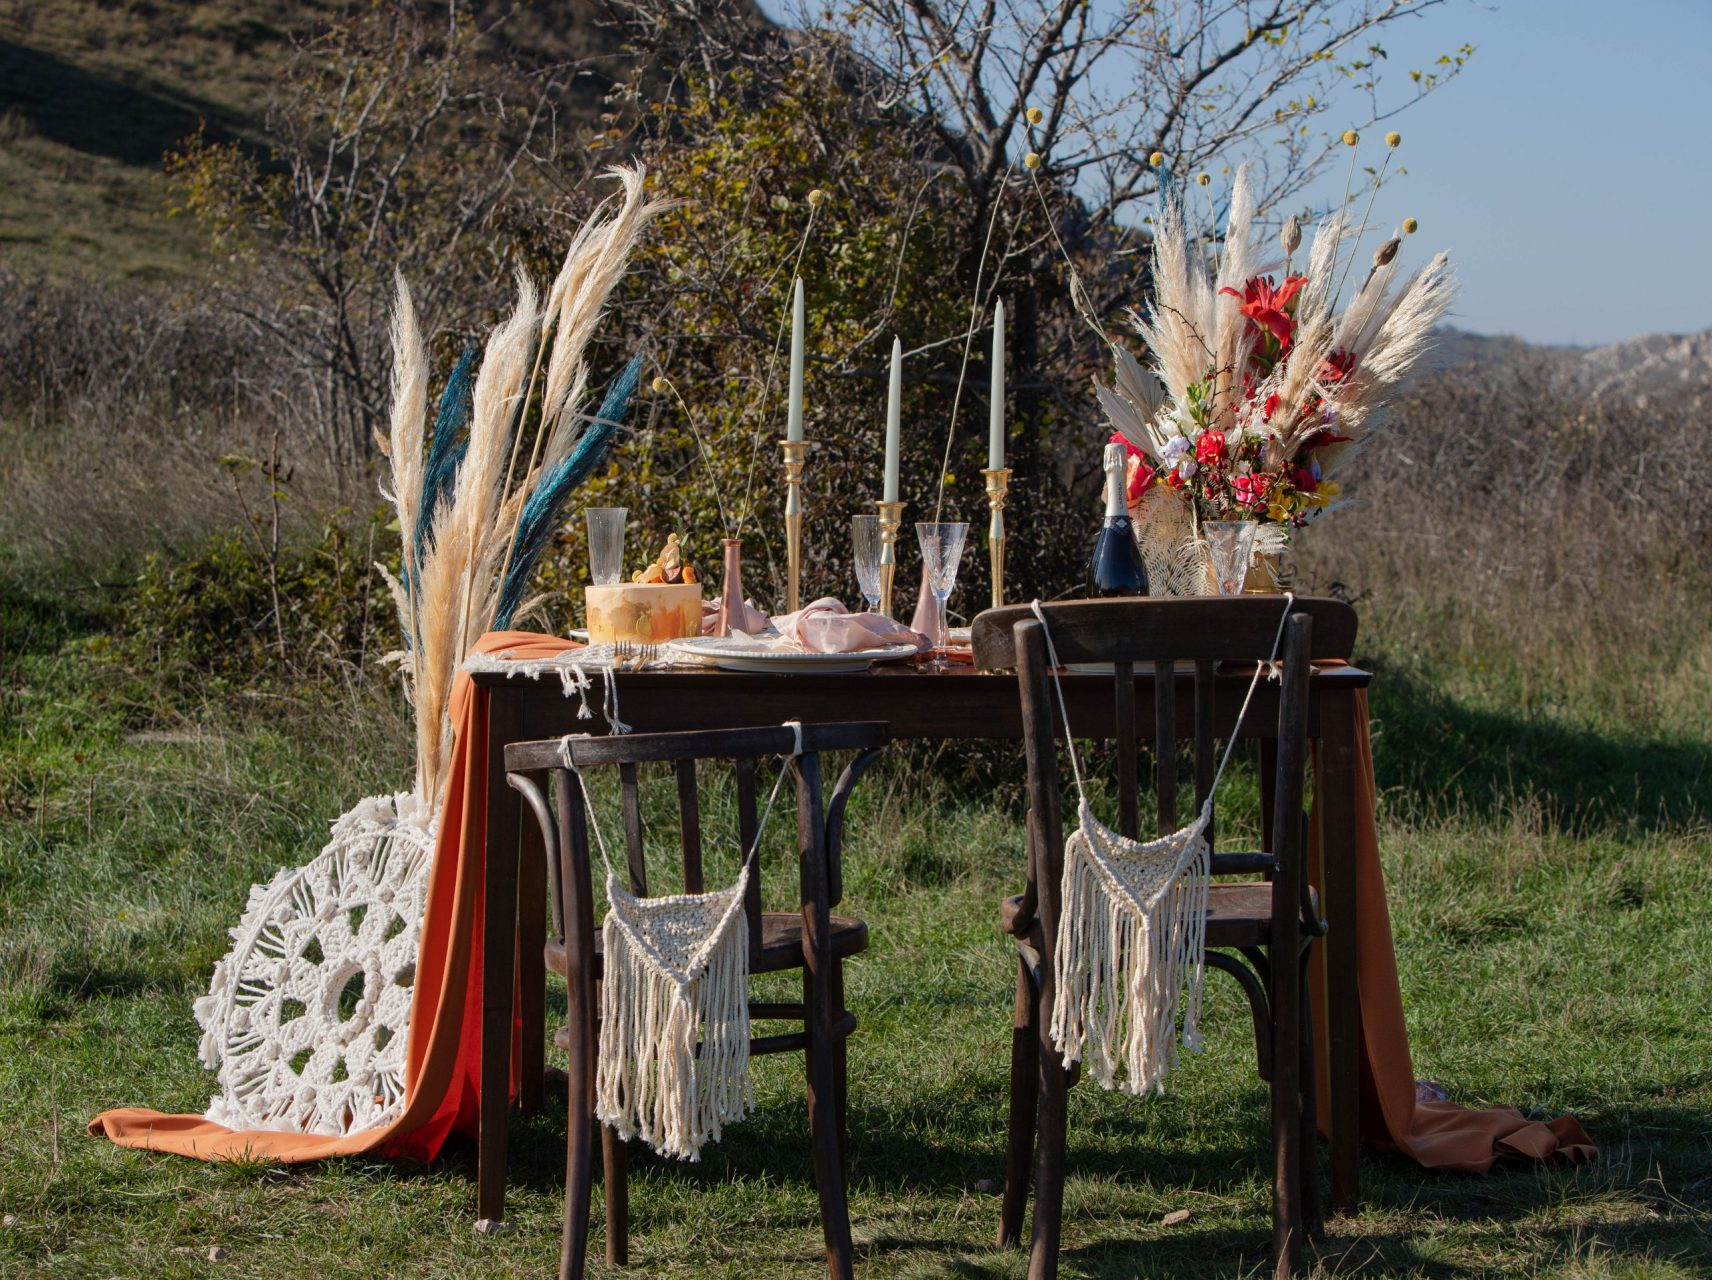 őszi esküvő makramé pampafű szabadtéri esküvő dekoráció-MISS LULLI Decor